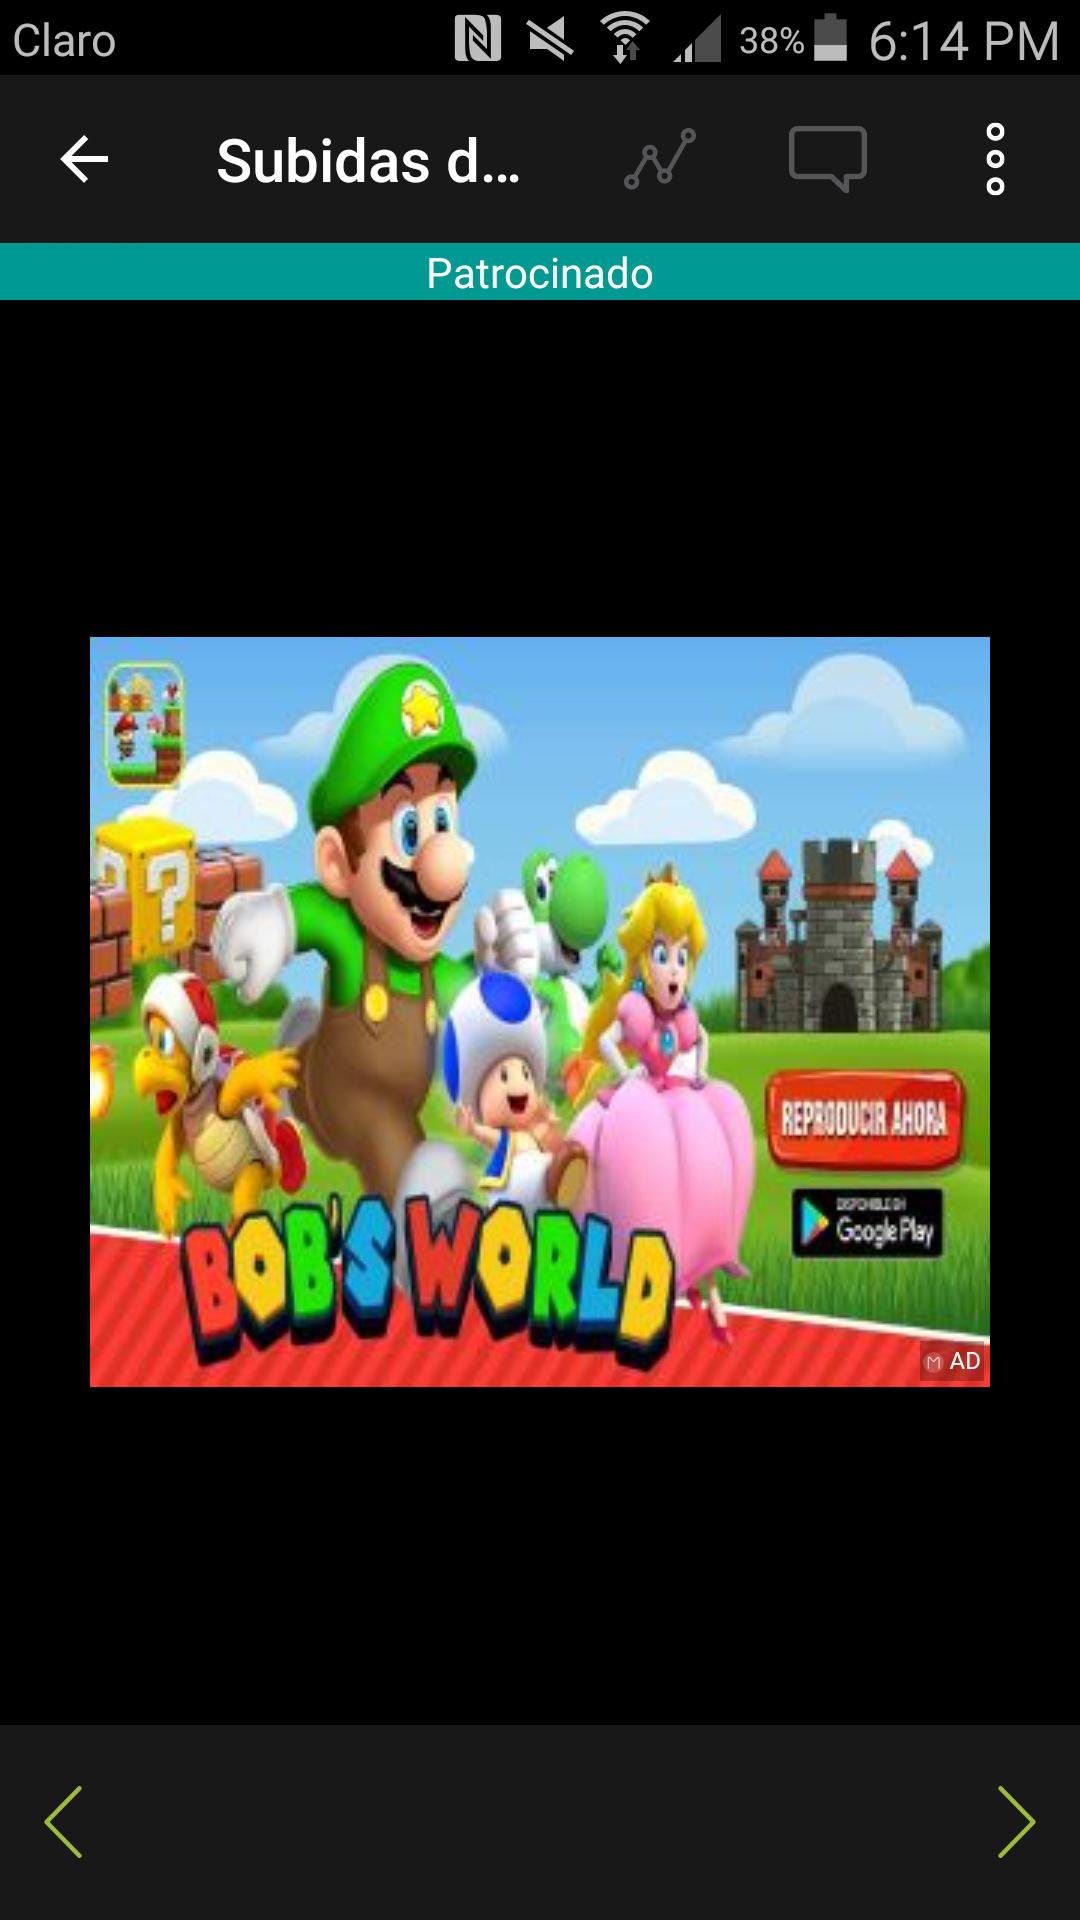 Nintendo sabe donde vives - meme